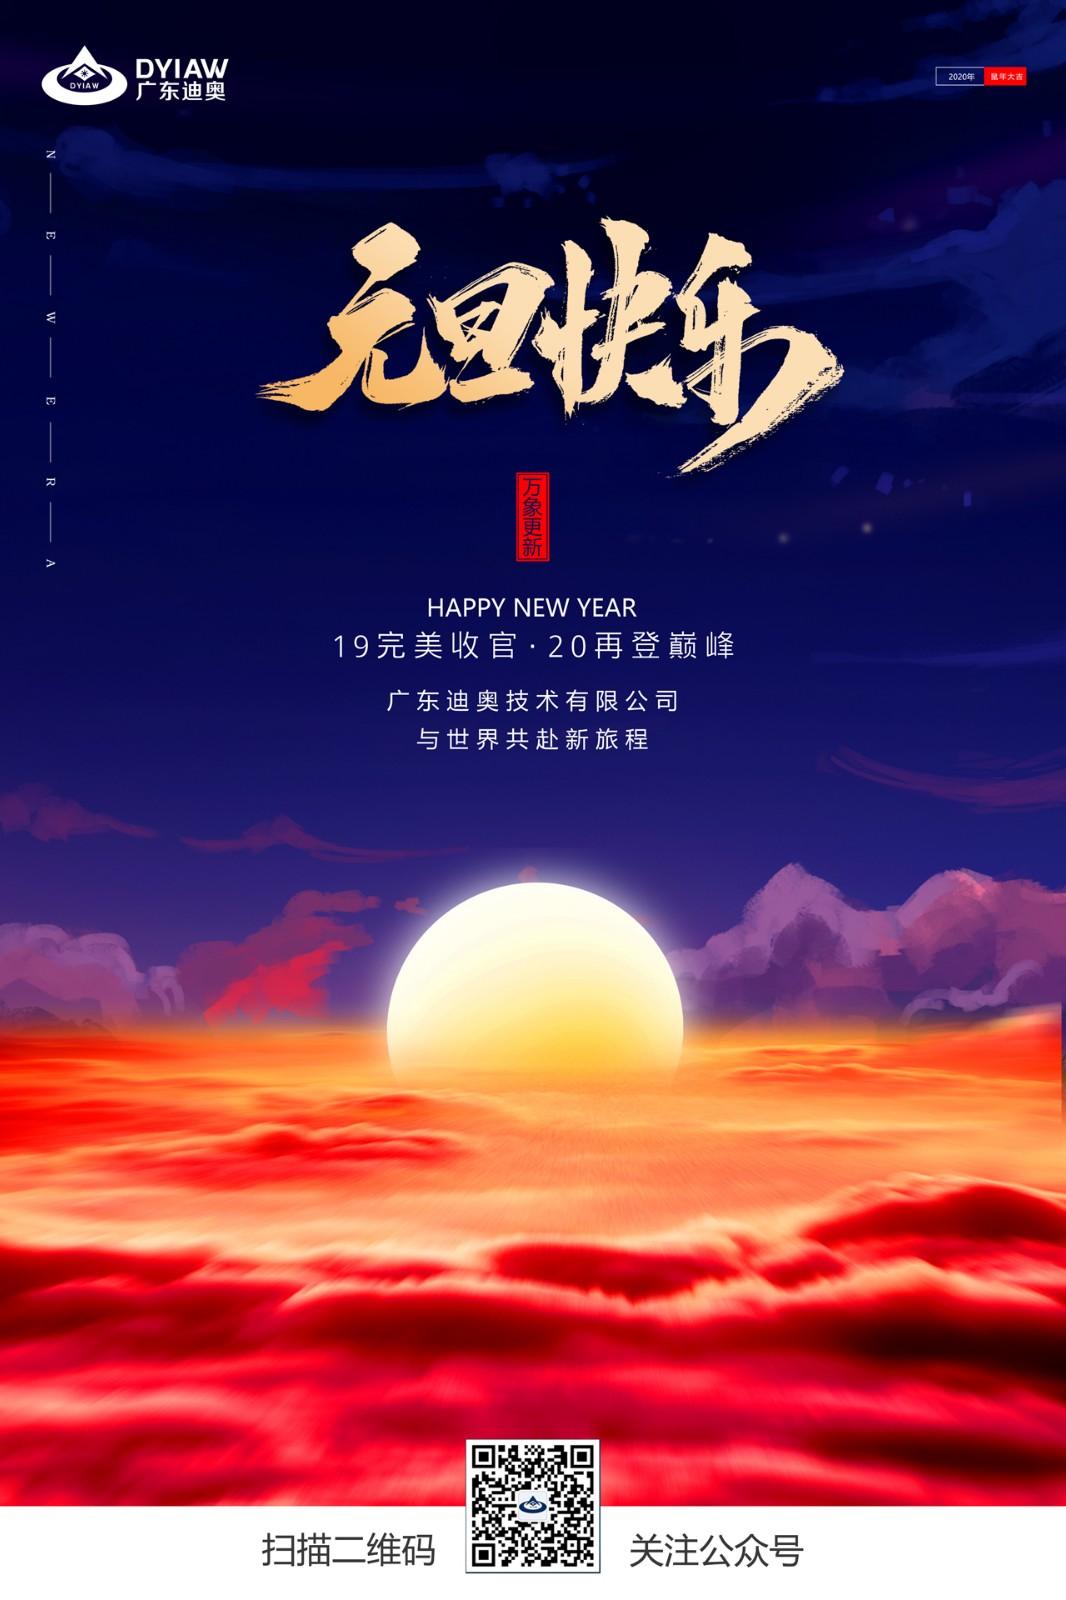 广东龙8国际pt技术有限公司祝福大家2020年元旦快乐!